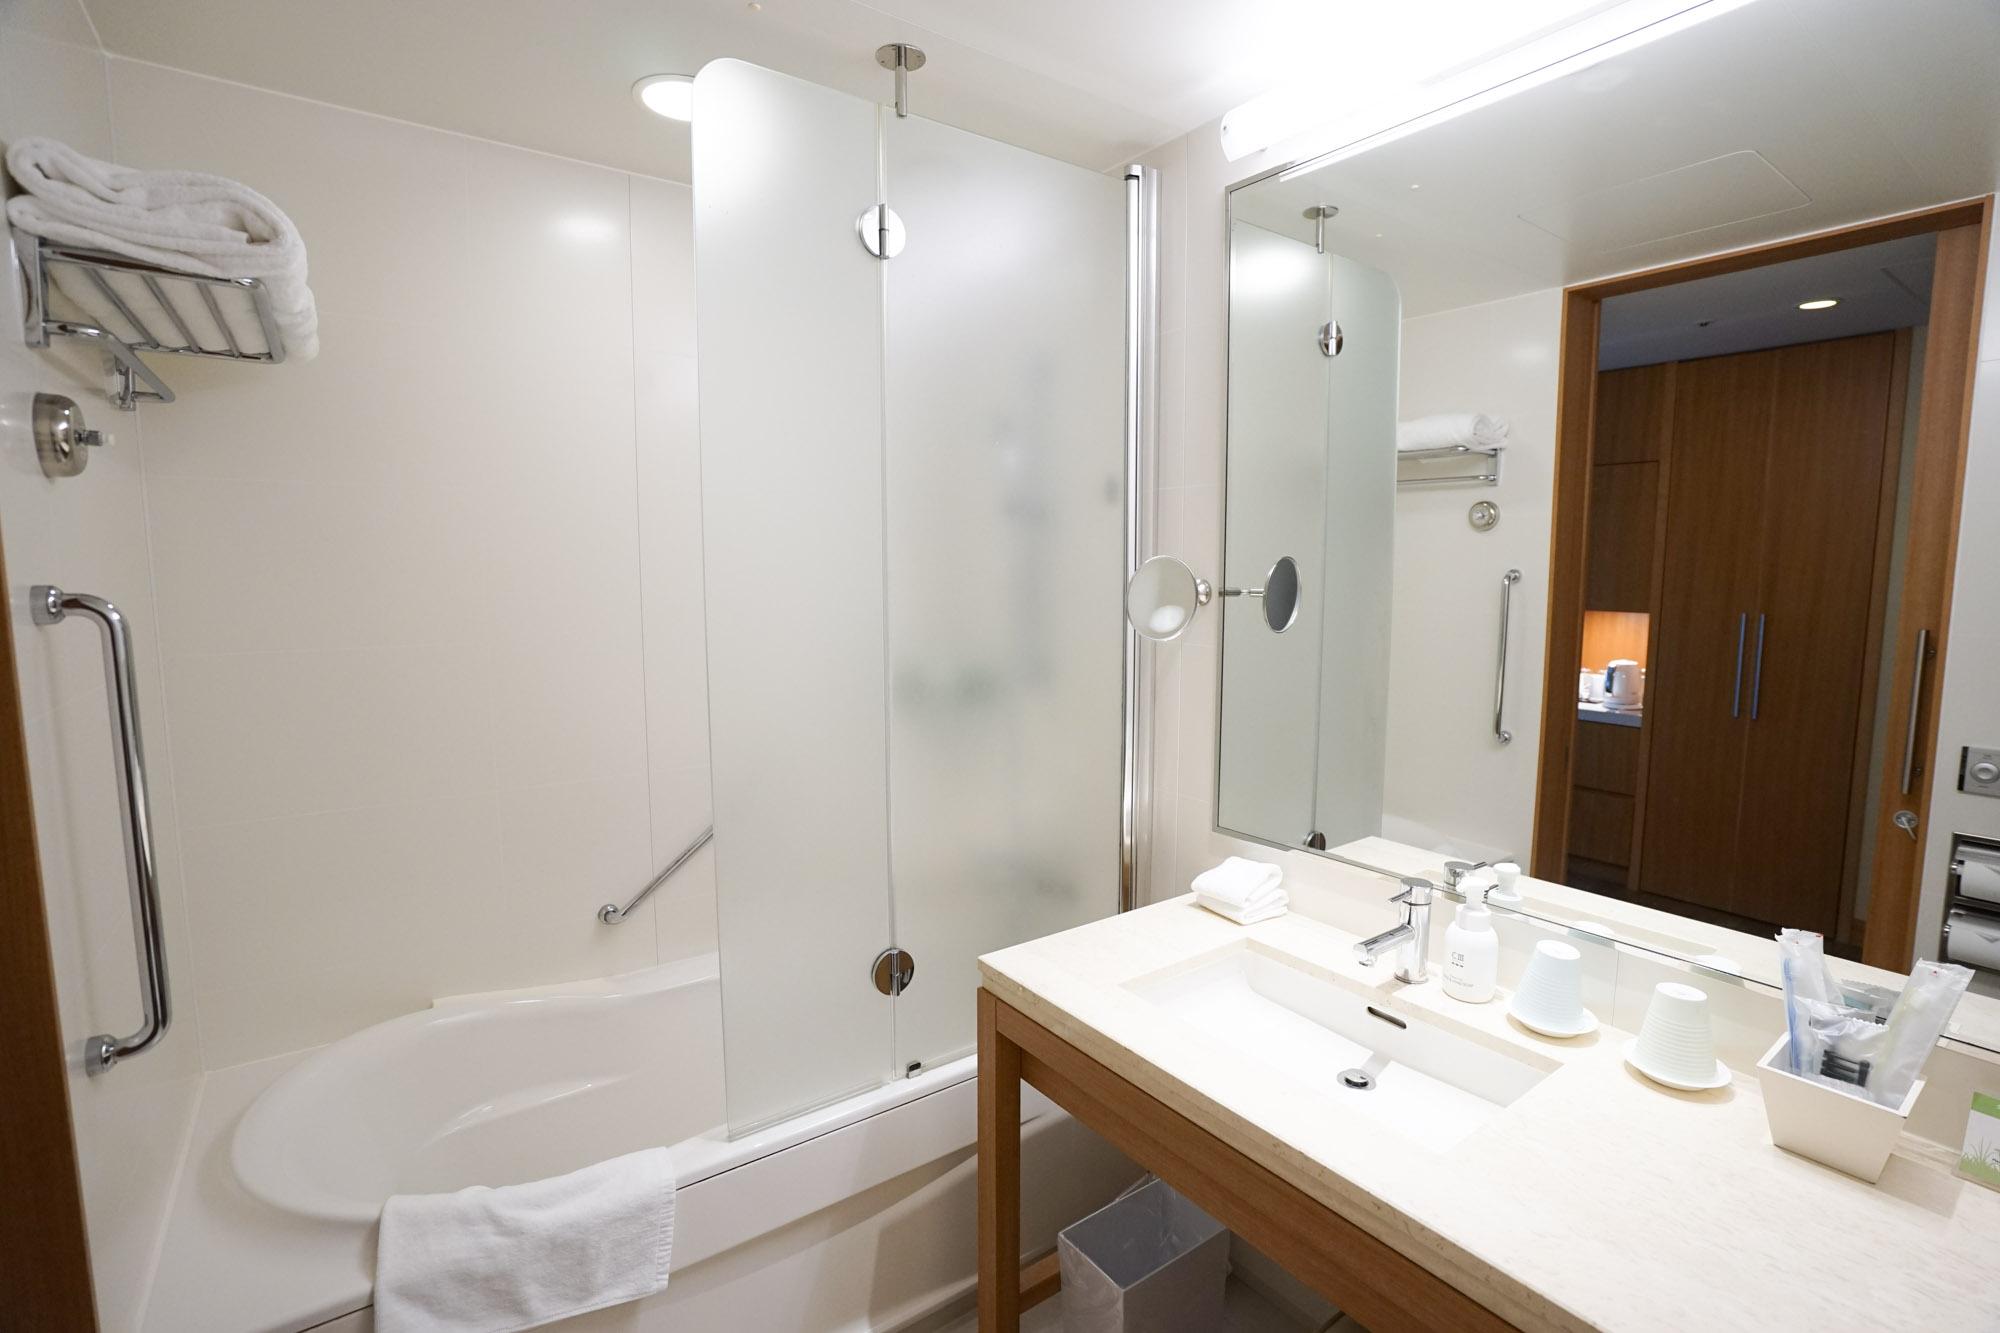 お風呂の浴槽も広々でした。